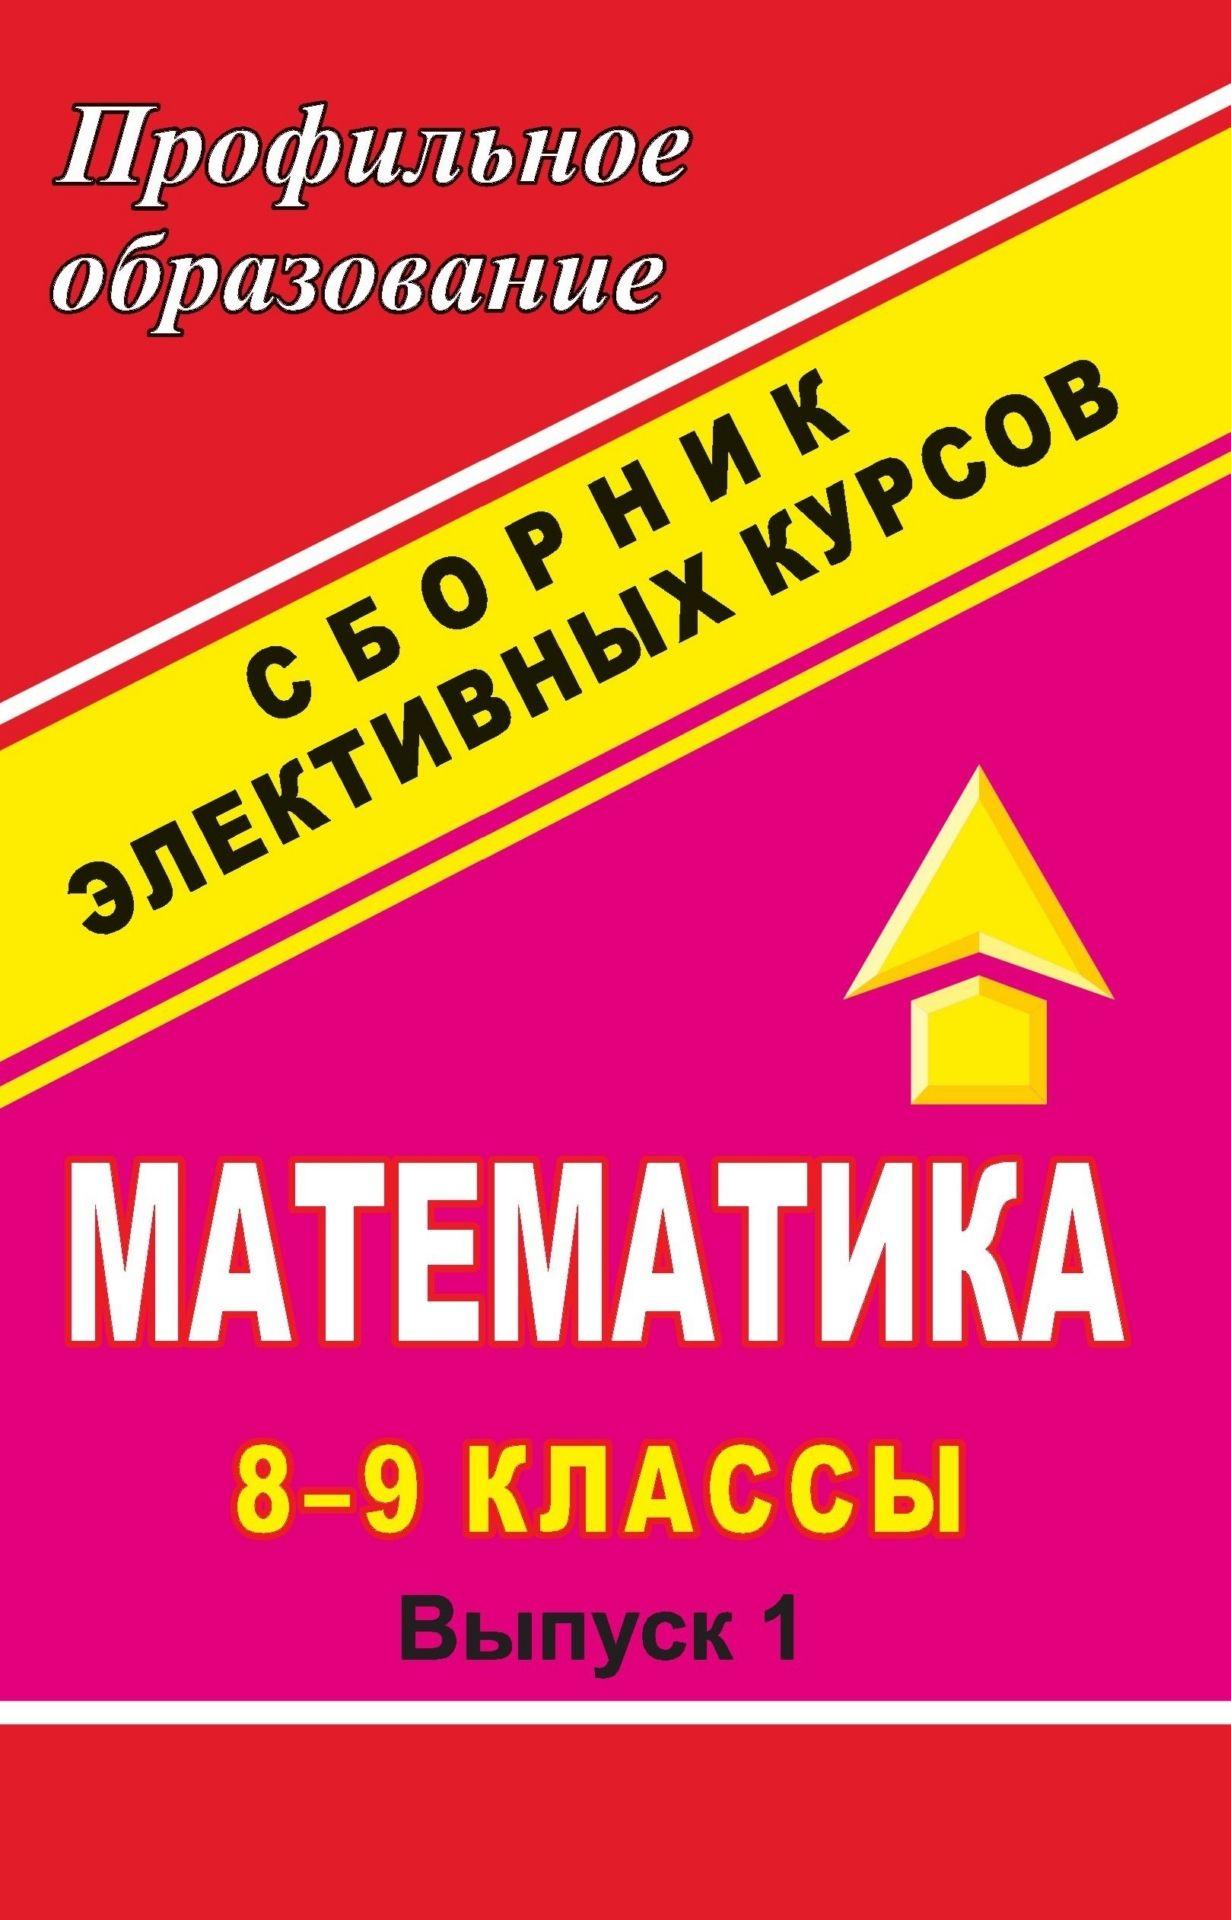 СБОРНИК ЭЛЕКТИВНЫХ КУРСОВ ПО МАТЕМАТИКЕ 10 11 КЛАССЫ СКАЧАТЬ БЕСПЛАТНО